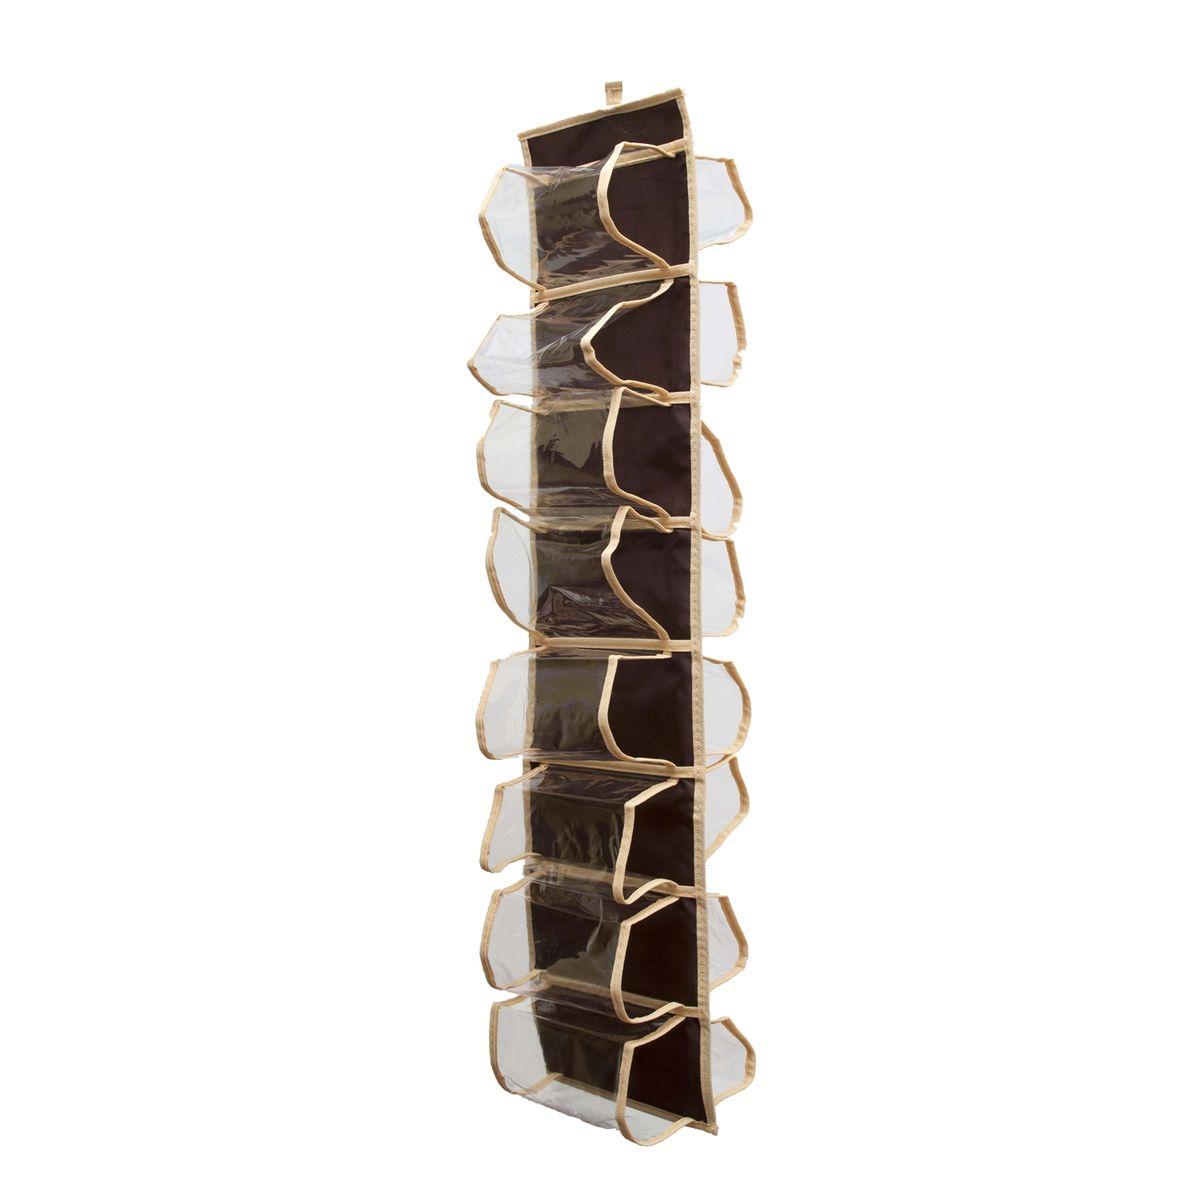 Органайзер Homsu Costa-Rica для колготок, шарфов и мелочей, 20 х 80 смHOM-42Подвесной двусторонний органайзер с 16 раздельными ячейками 8 см на 15 см очень удобен для хранения мелких вещей в вашем шкафу. Идеально для колготок, шарфов, мелочей и других вещей ежедневного пользования. Фактический цвет может отличаться от заявленного.